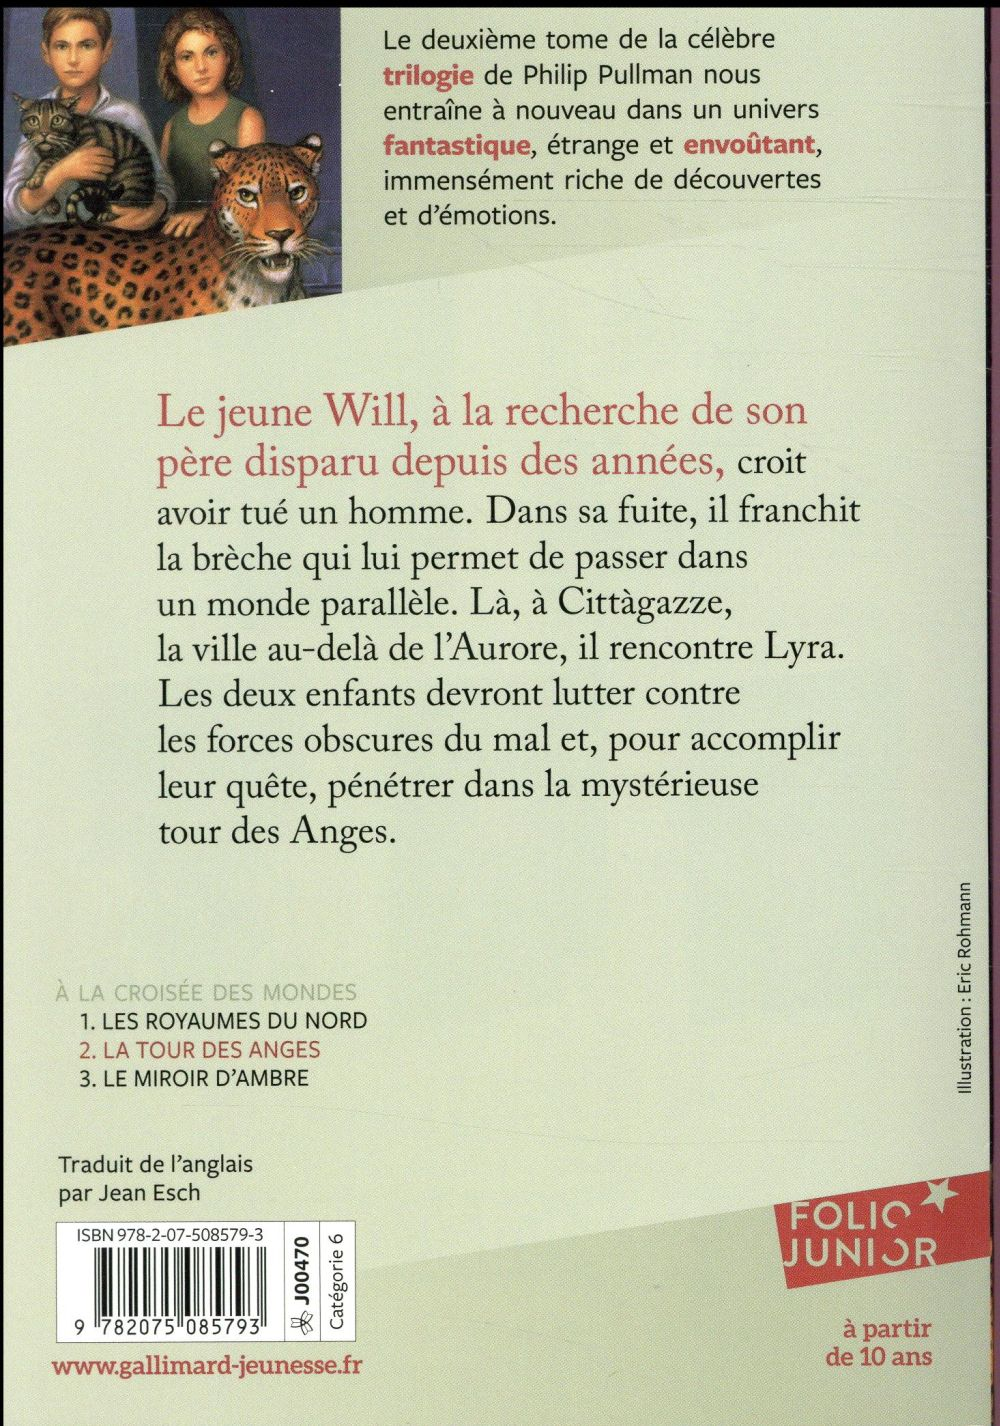 La Passe Miroir Tome 3 Poche : passe, miroir, poche, Croisée, Mondes, Anges, Philip, Pullman, Gallimard-jeunesse, Poche, Place, Libraires